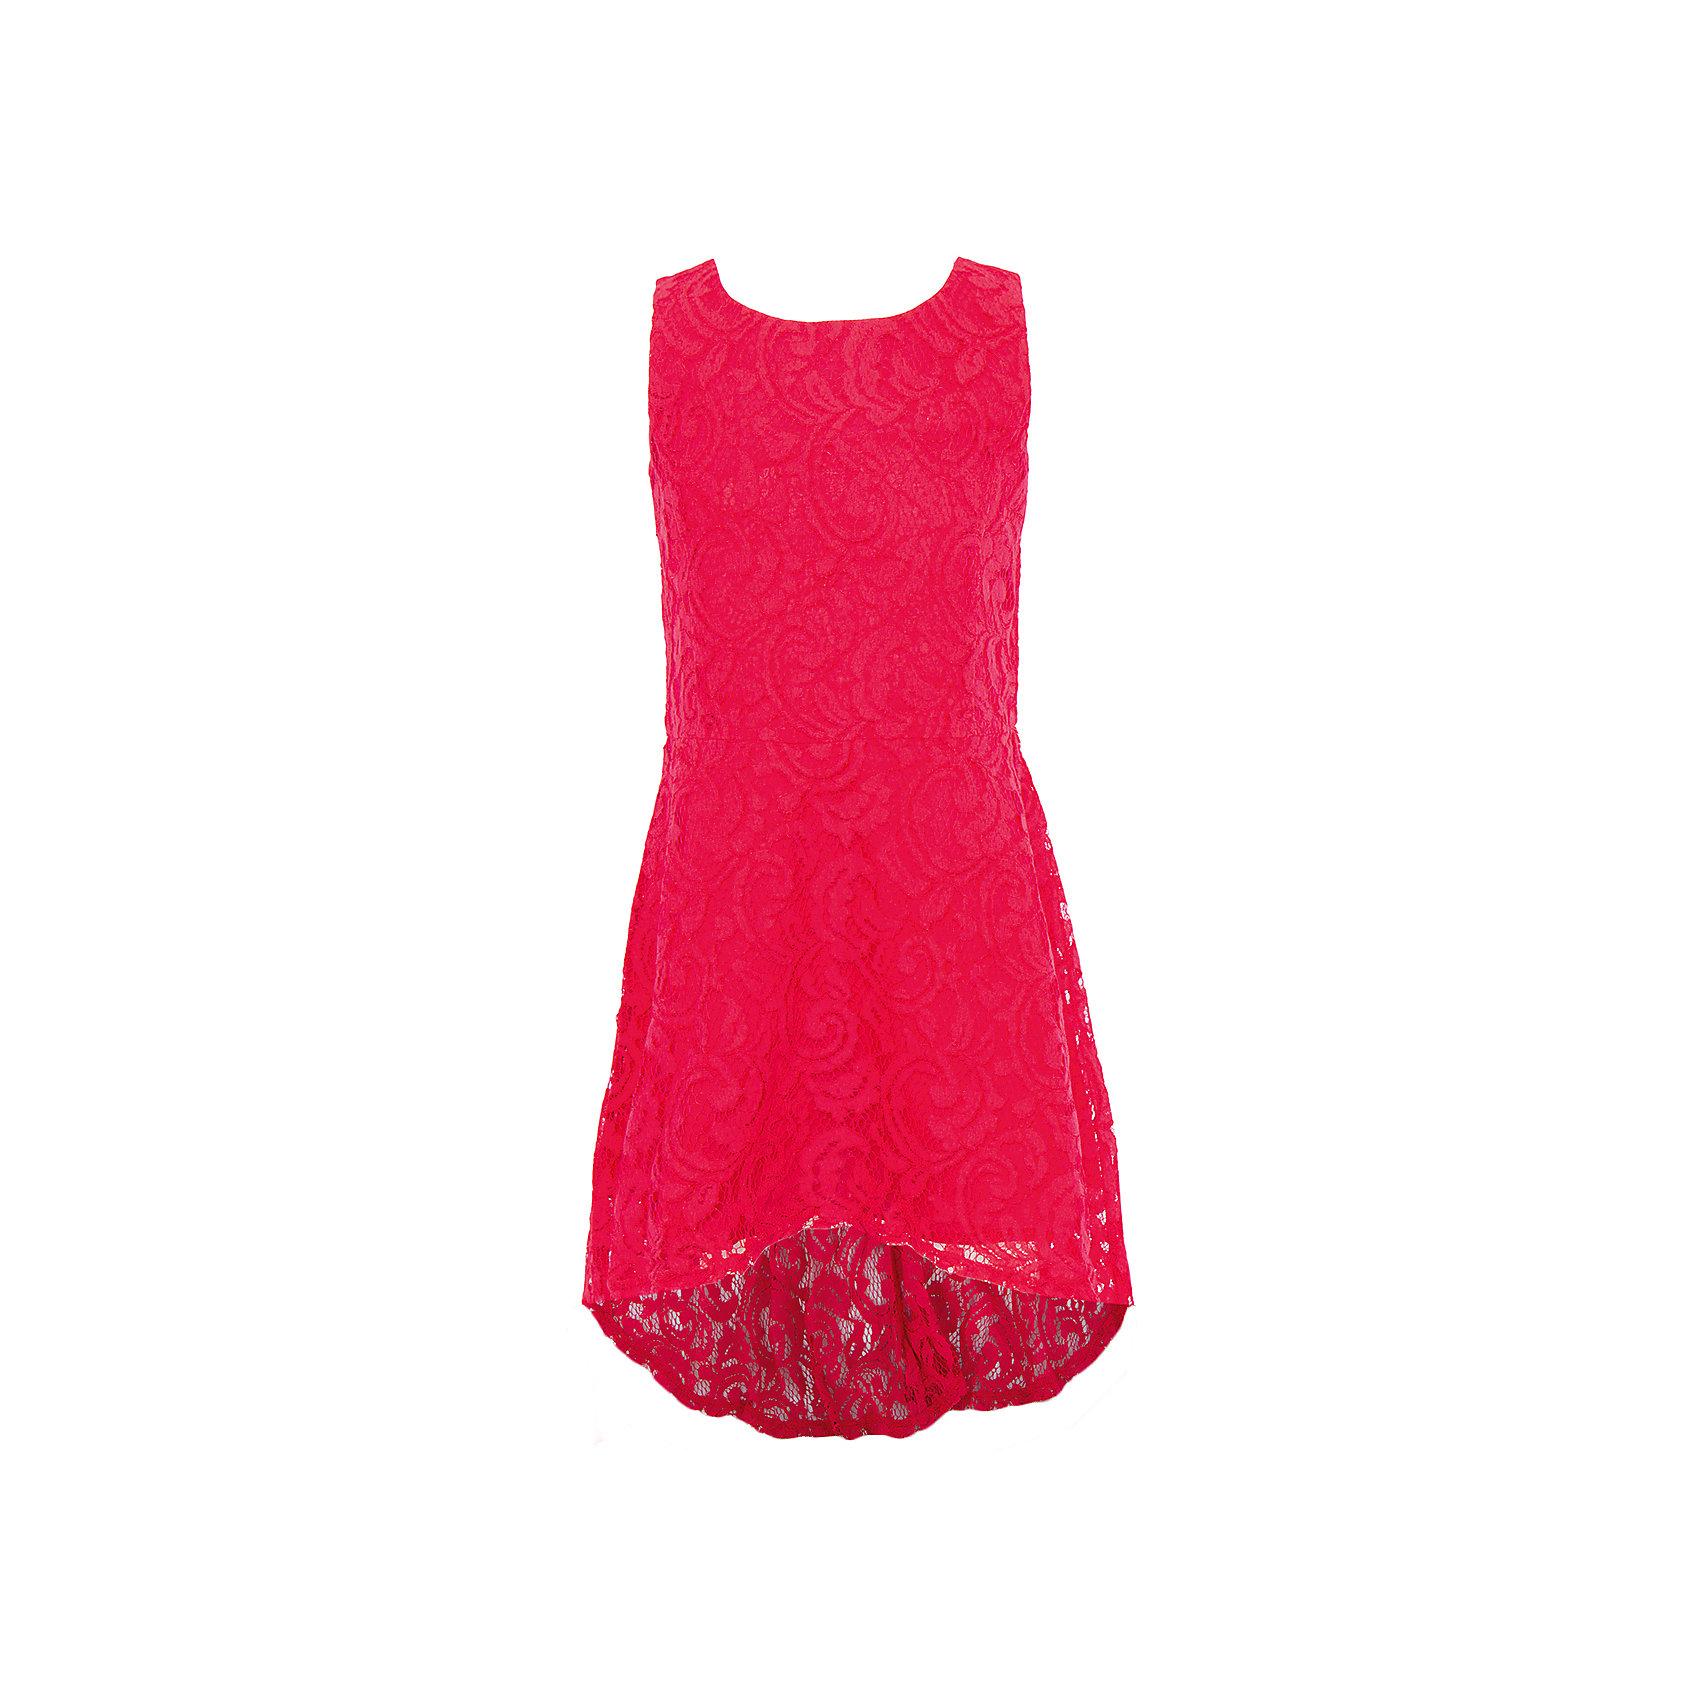 Нарядное платье для девочки ScoolХарактеристики:<br><br>• Вид одежды: праздничное платье<br>• Сезон: круглый год<br>• Материал: полиамид – 80%, хлопок – 20% (верх); хлопок – 100% (подкладка)<br>• Цвет: красный<br>• Силуэт: А стиль<br>• Длина платья: миди<br>• Рукав: отсутствует<br>• Вырез горловины: круглый<br>• Застежка: молния<br>• Особенности ухода: ручная стирка без применения отбеливающих средств, глажение при низкой температуре <br><br> Scool – это линейка детской одежды, которая предназначена как для повседневности, так и для праздников. Большинство моделей выполнены в классическом стиле, сочетающем в себе традиции с яркими стильными элементами и аксессуарами. Весь ассортимент одежды Scool сочетается между собой по стилю и цветовому решению, поэтому Вам будет легко сформировать гардероб вашего ребенка, который отражает его индивидуальность. <br>Стильное праздничное платье для девочки Scool выполнено из ярко-красного гипюра, подклад выполнен из 100% хлопка. Платье имеет классический приталенный А силуэт, с удлиненной юбкой сзади, круглую горловину. Платье для девочки Scool, – это стиль, качество и элегантность!<br><br>Платье для девочки Scool, можно купить в нашем интернет-магазине.<br><br>Ширина мм: 236<br>Глубина мм: 16<br>Высота мм: 184<br>Вес г: 177<br>Цвет: красный<br>Возраст от месяцев: 132<br>Возраст до месяцев: 144<br>Пол: Женский<br>Возраст: Детский<br>Размер: 152,164,146,158,134,140<br>SKU: 5078550